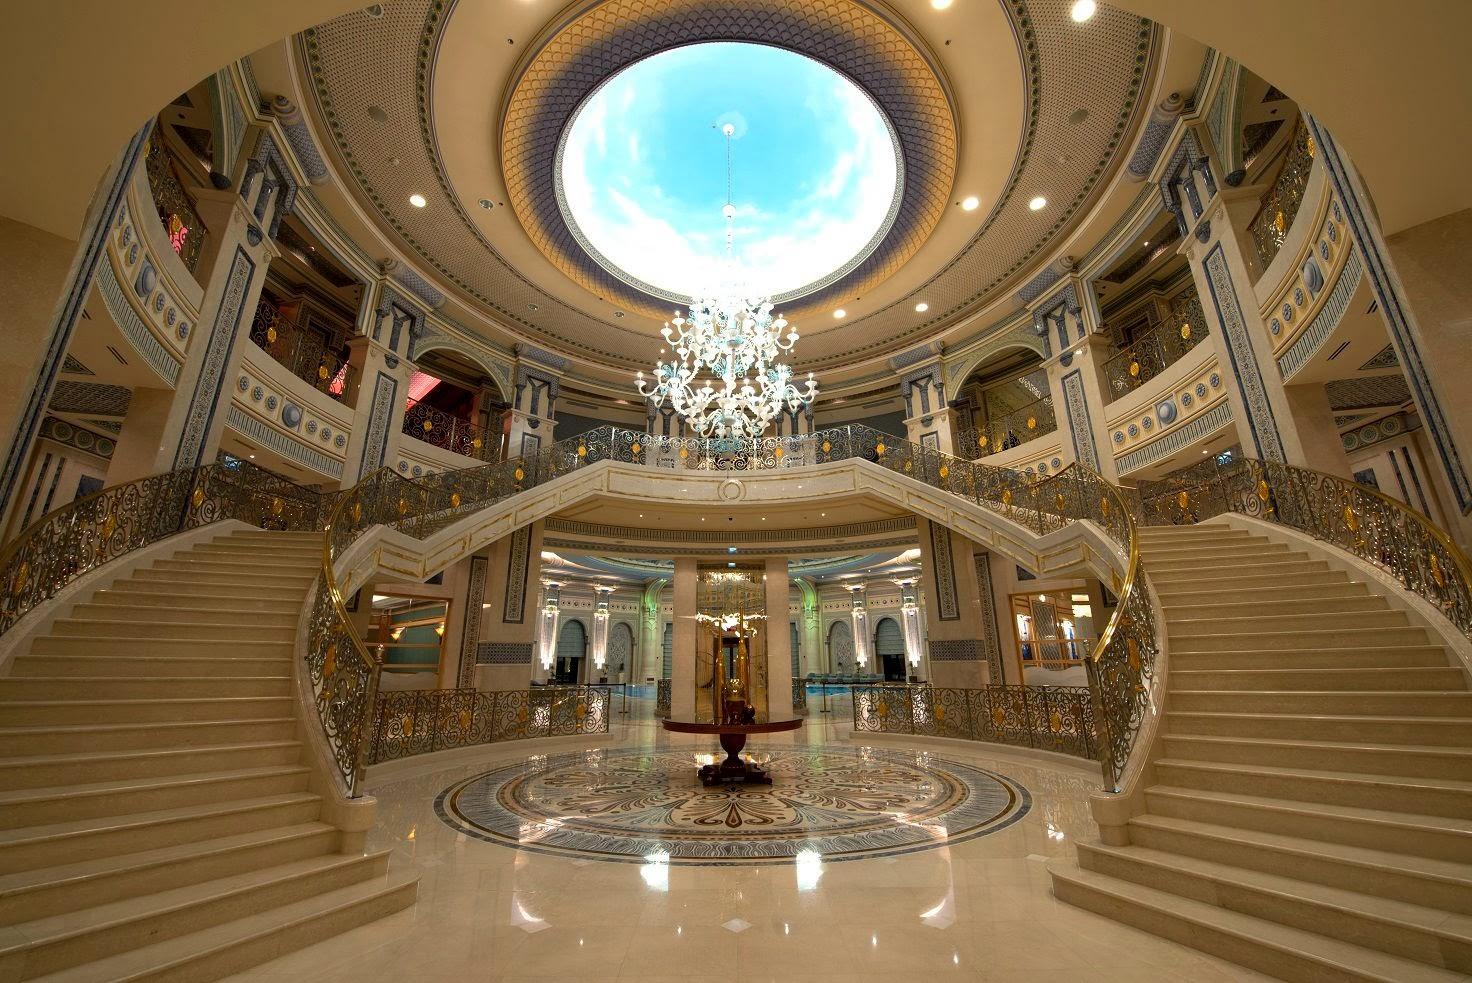 Luxury life design the ritz carlton hotel in riyadh - Hotels in riyadh with swimming pools ...